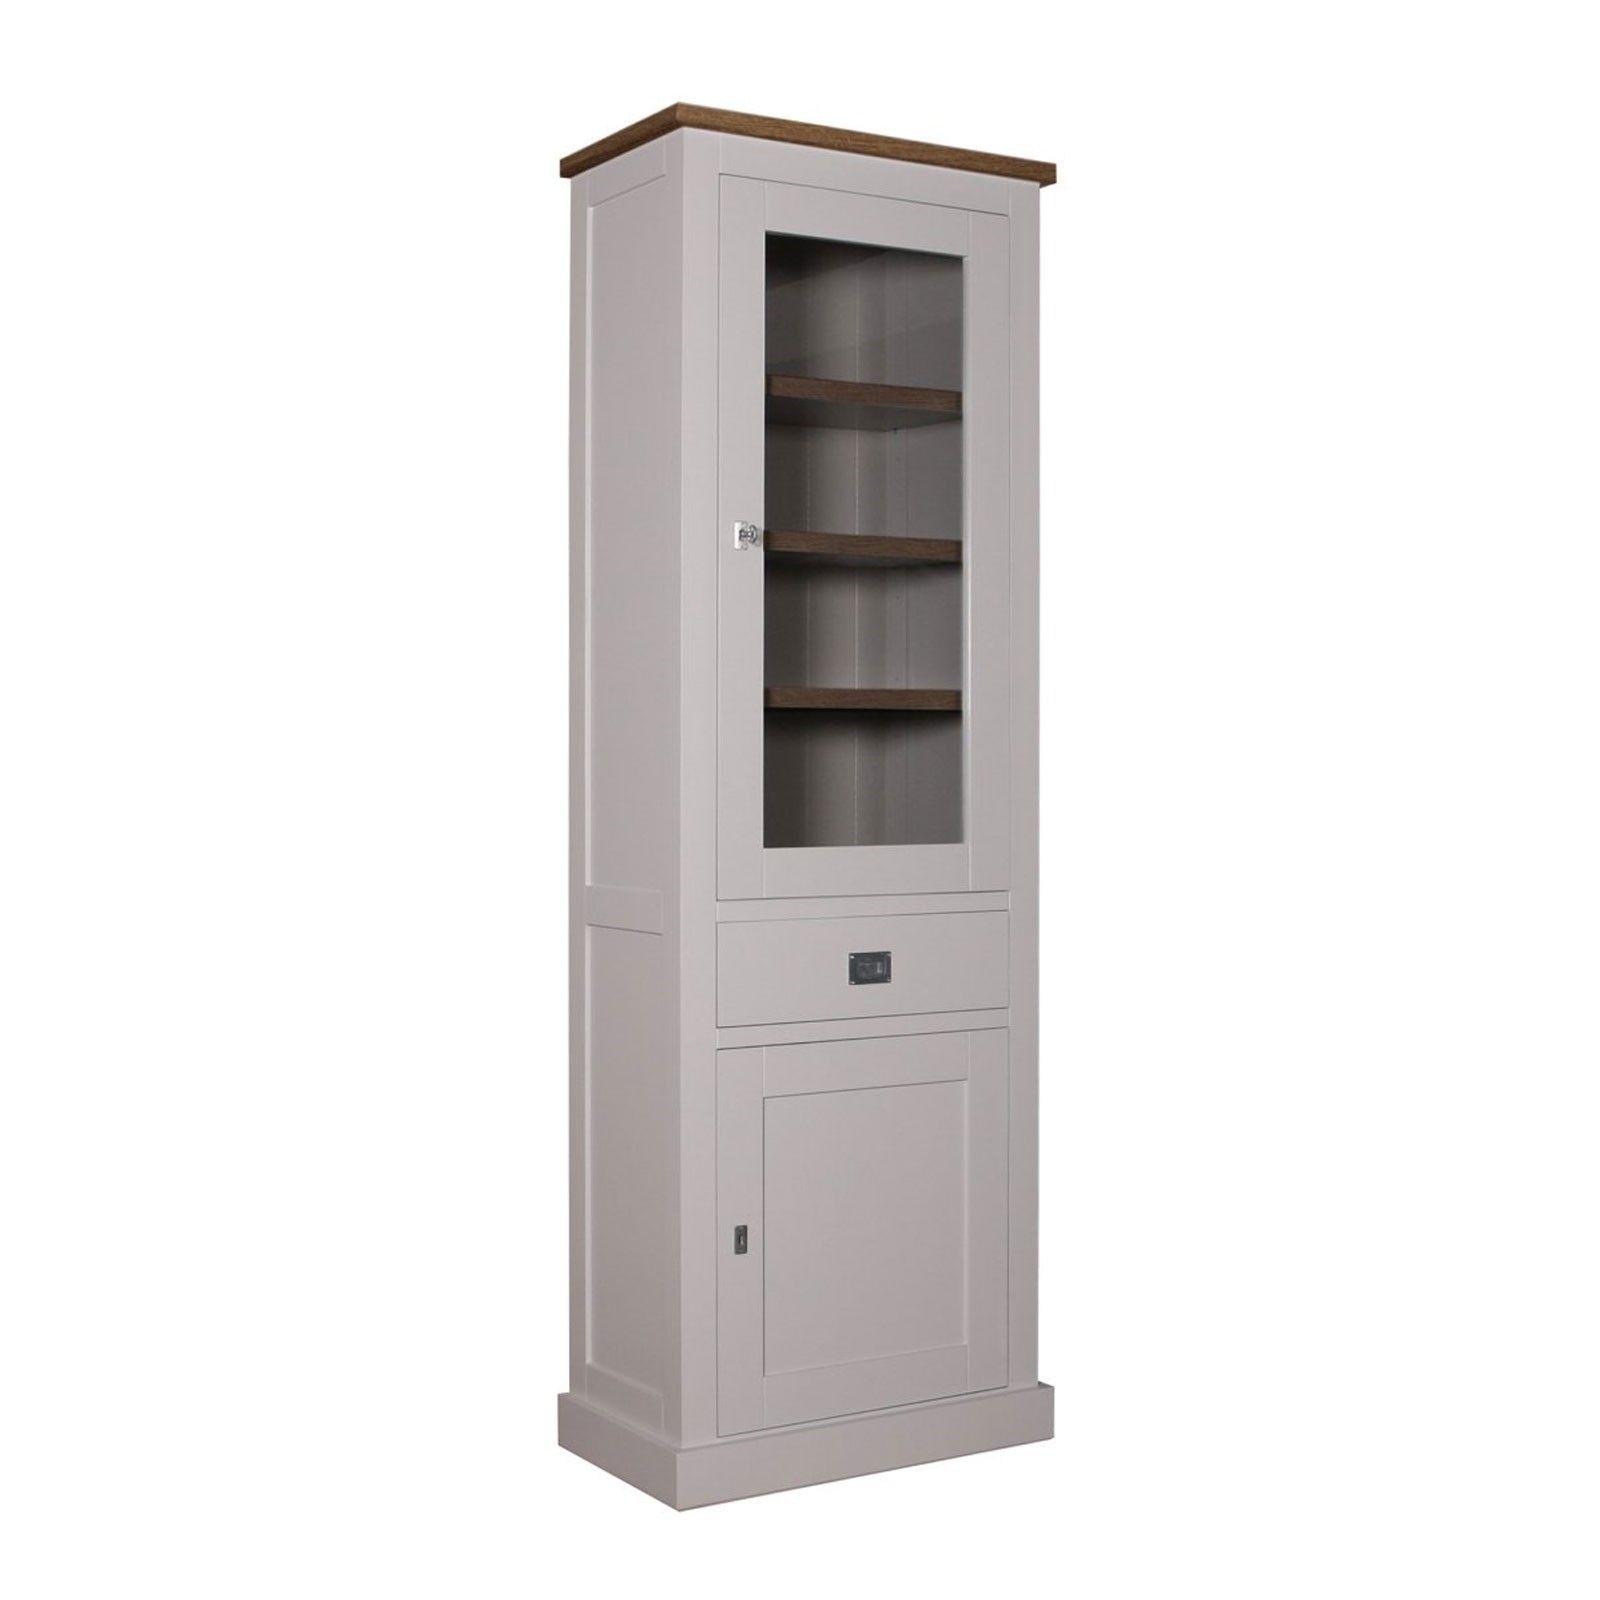 """Vitrine 2x1 porte 1 tiroir - tourne à droite """"Kubic Oak"""" - achat vitrine haut de gamme"""